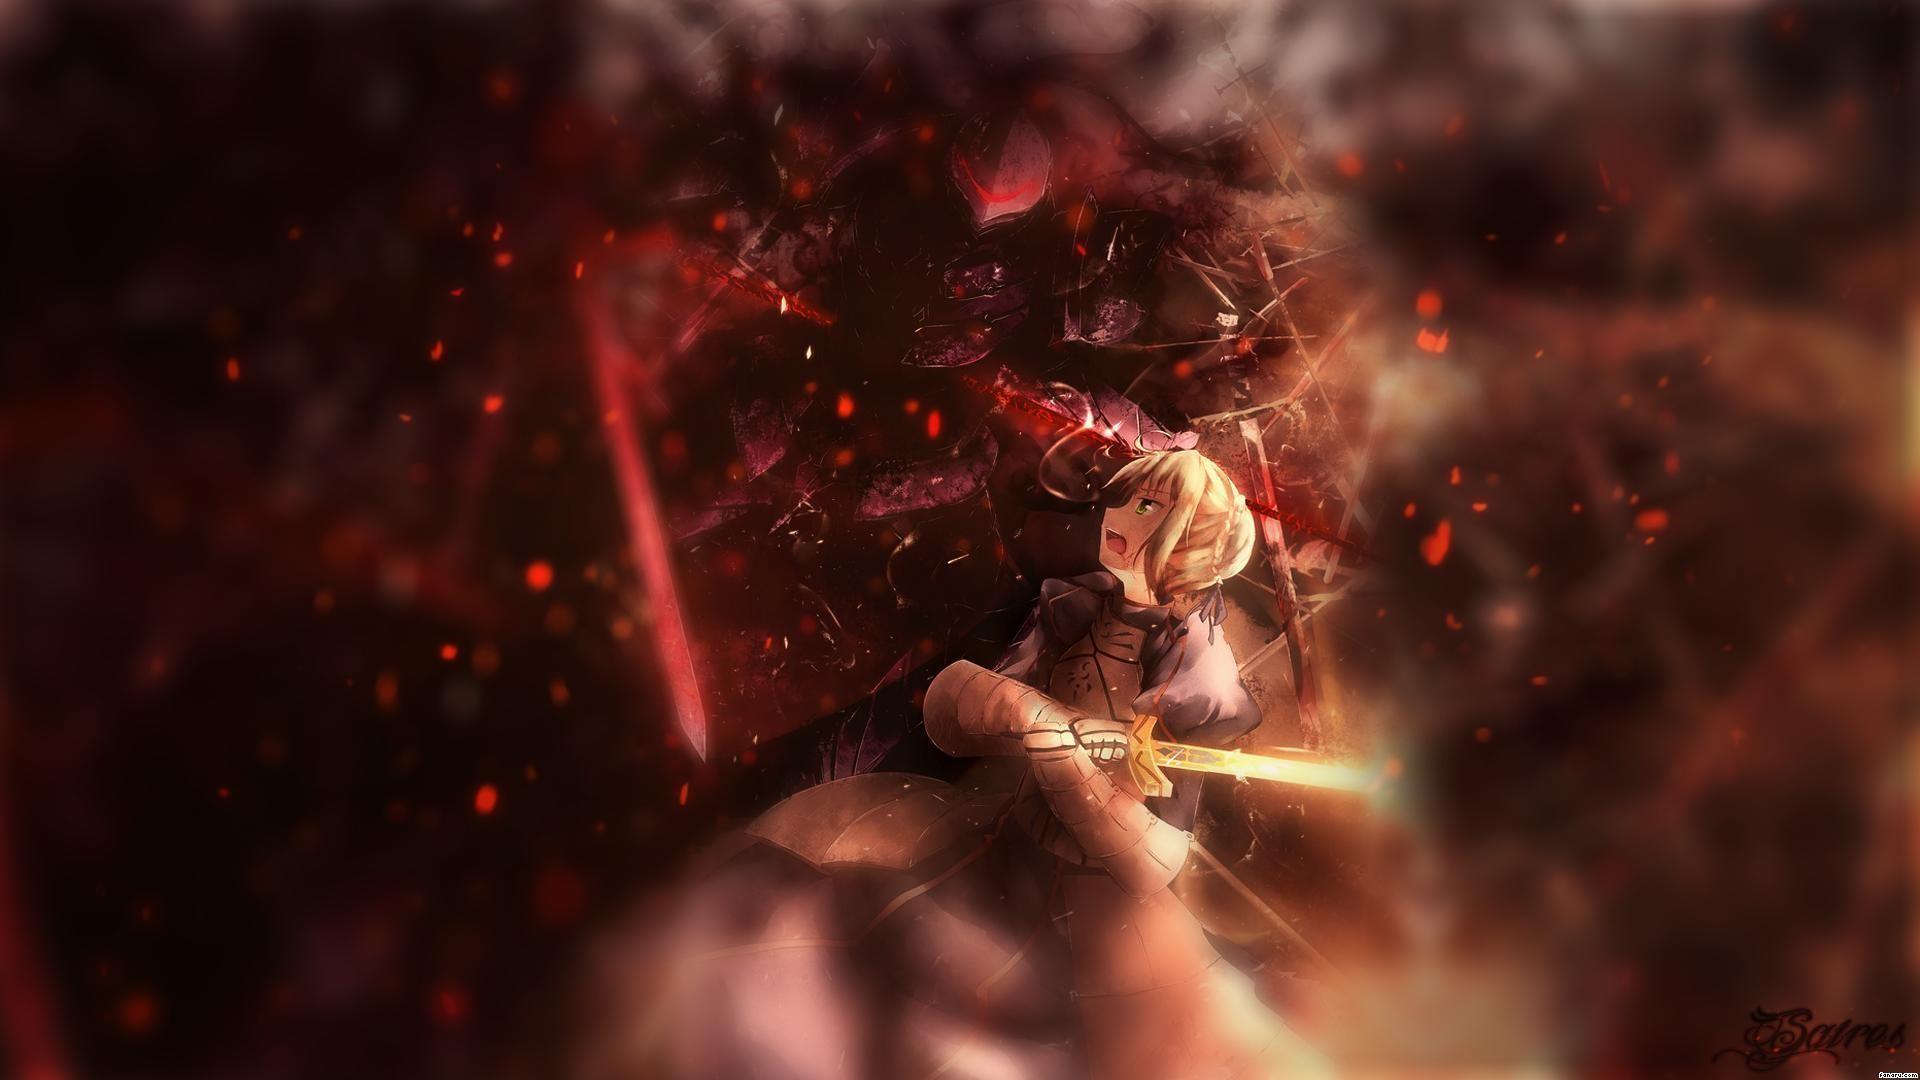 <b>Fate Zero</b>, <b>Berserker</